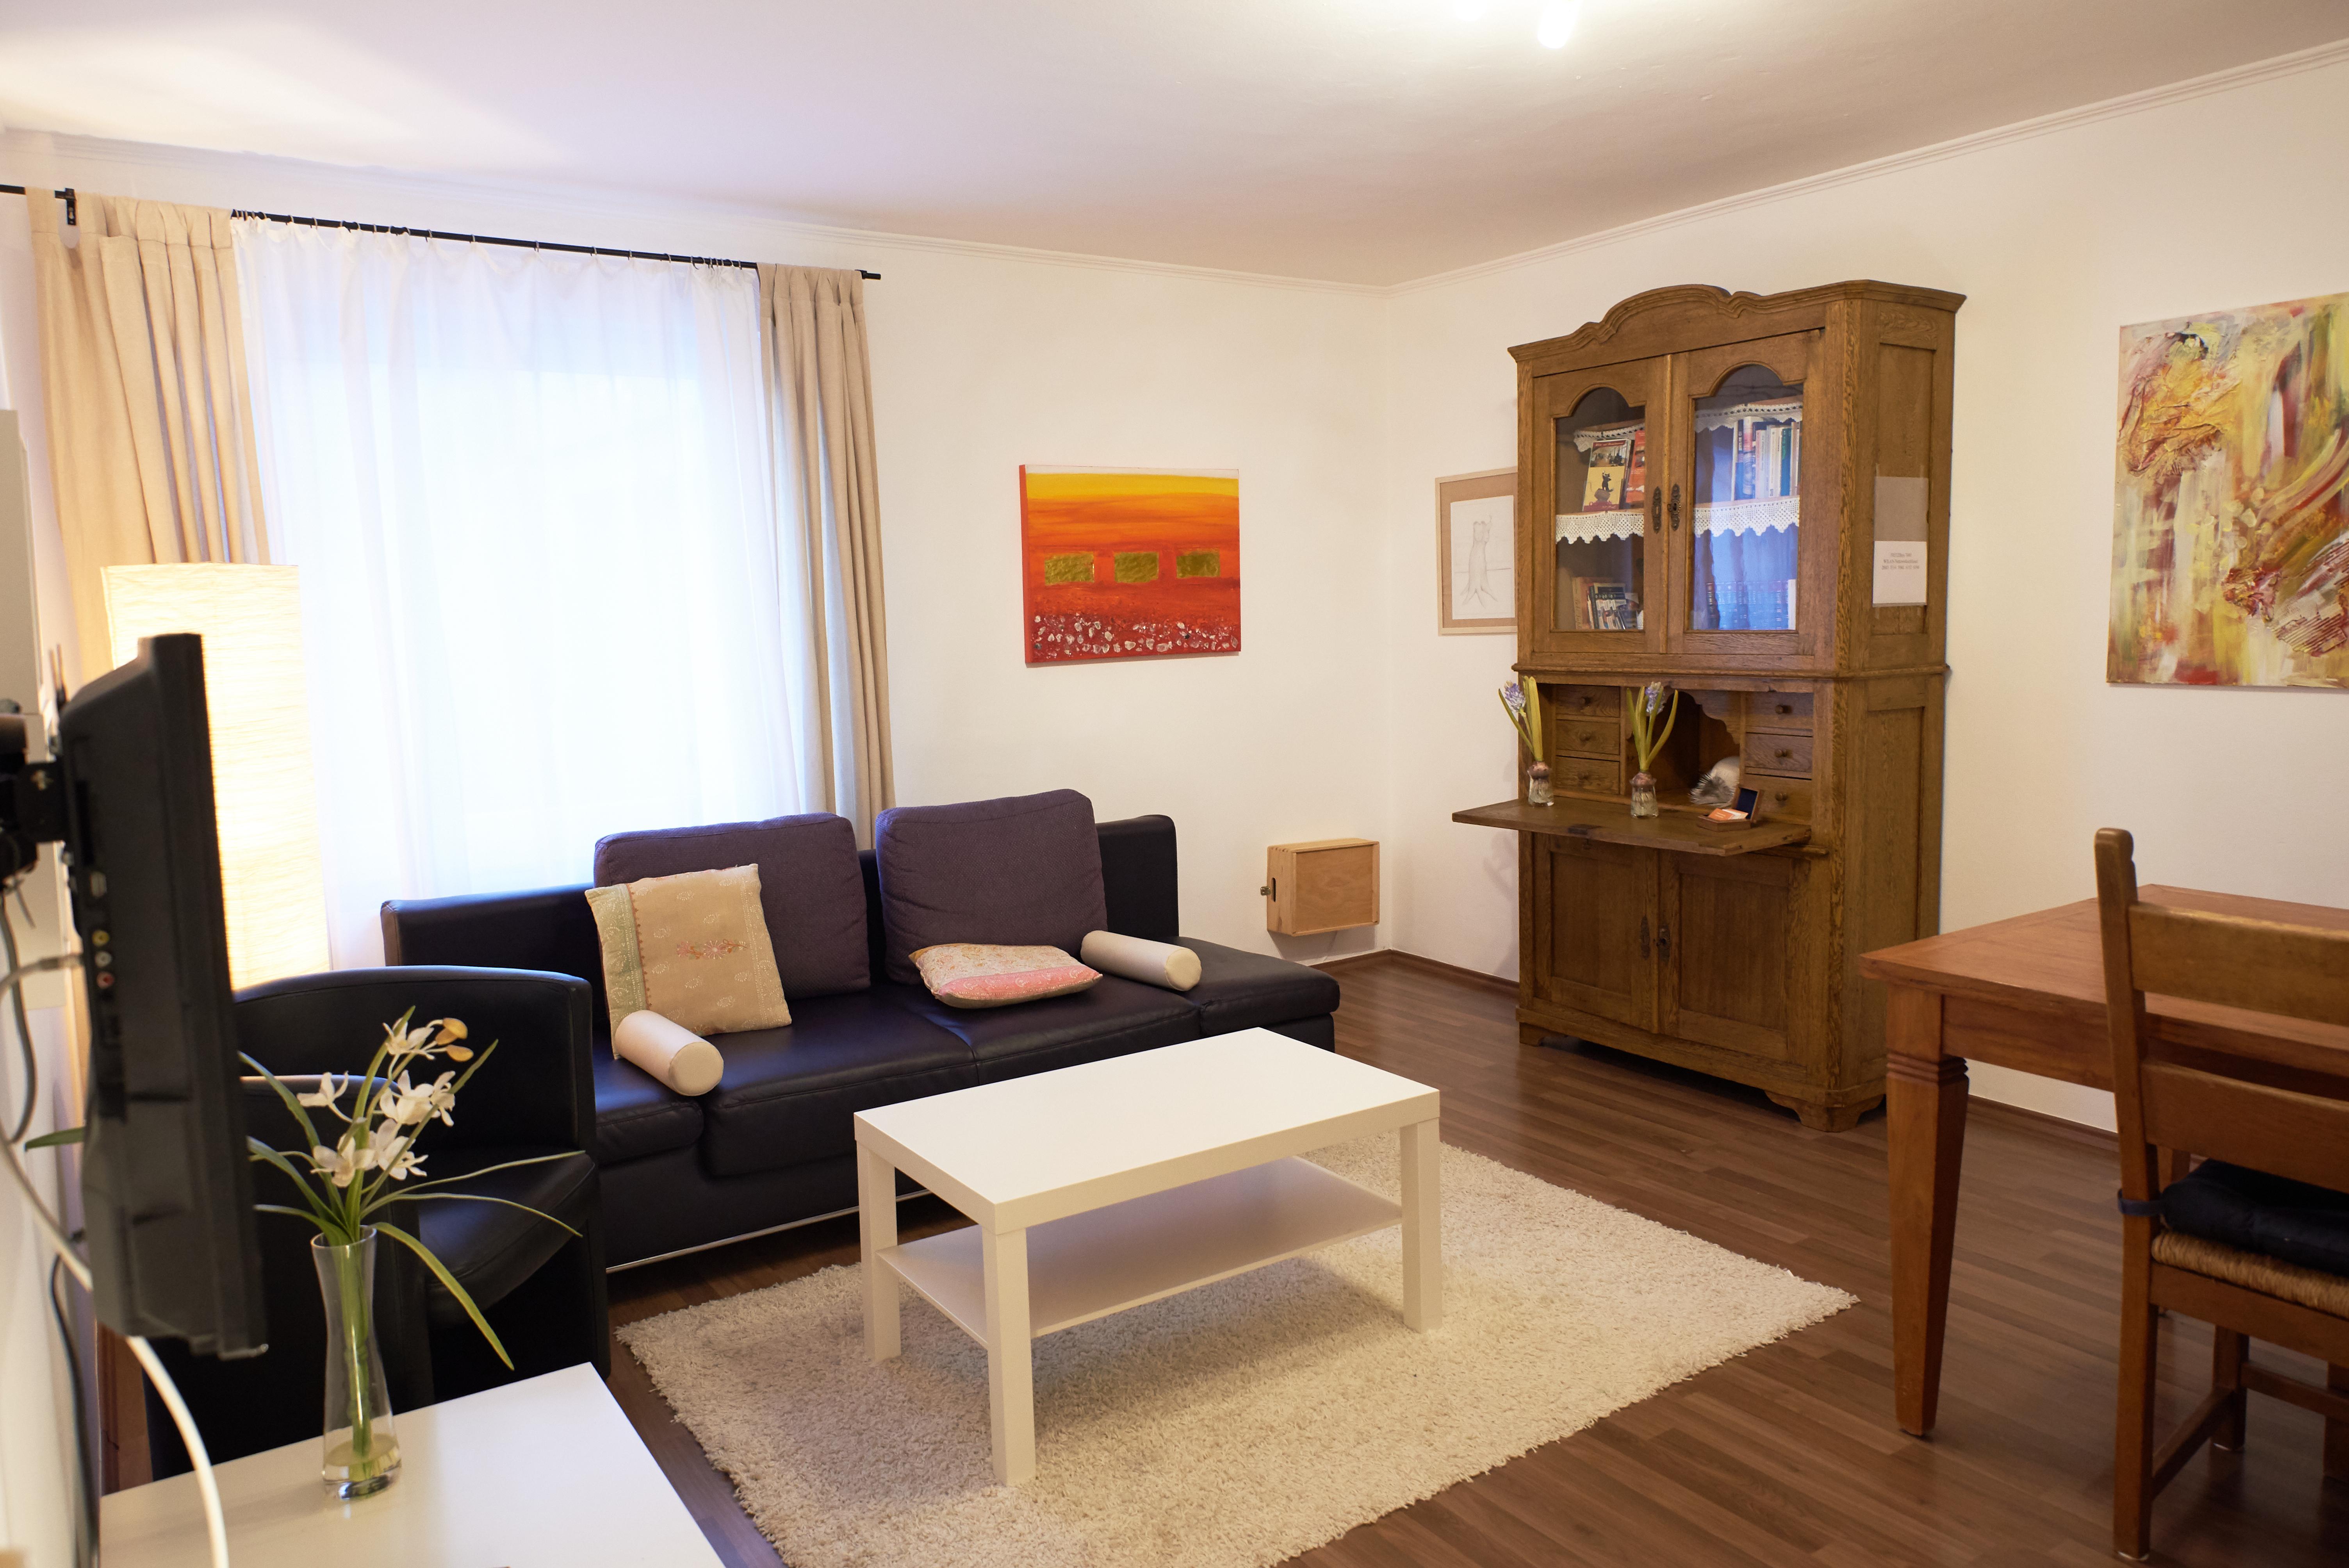 ferienwohnung f r 2 personen in bengel atraveo objekt nr 659874. Black Bedroom Furniture Sets. Home Design Ideas